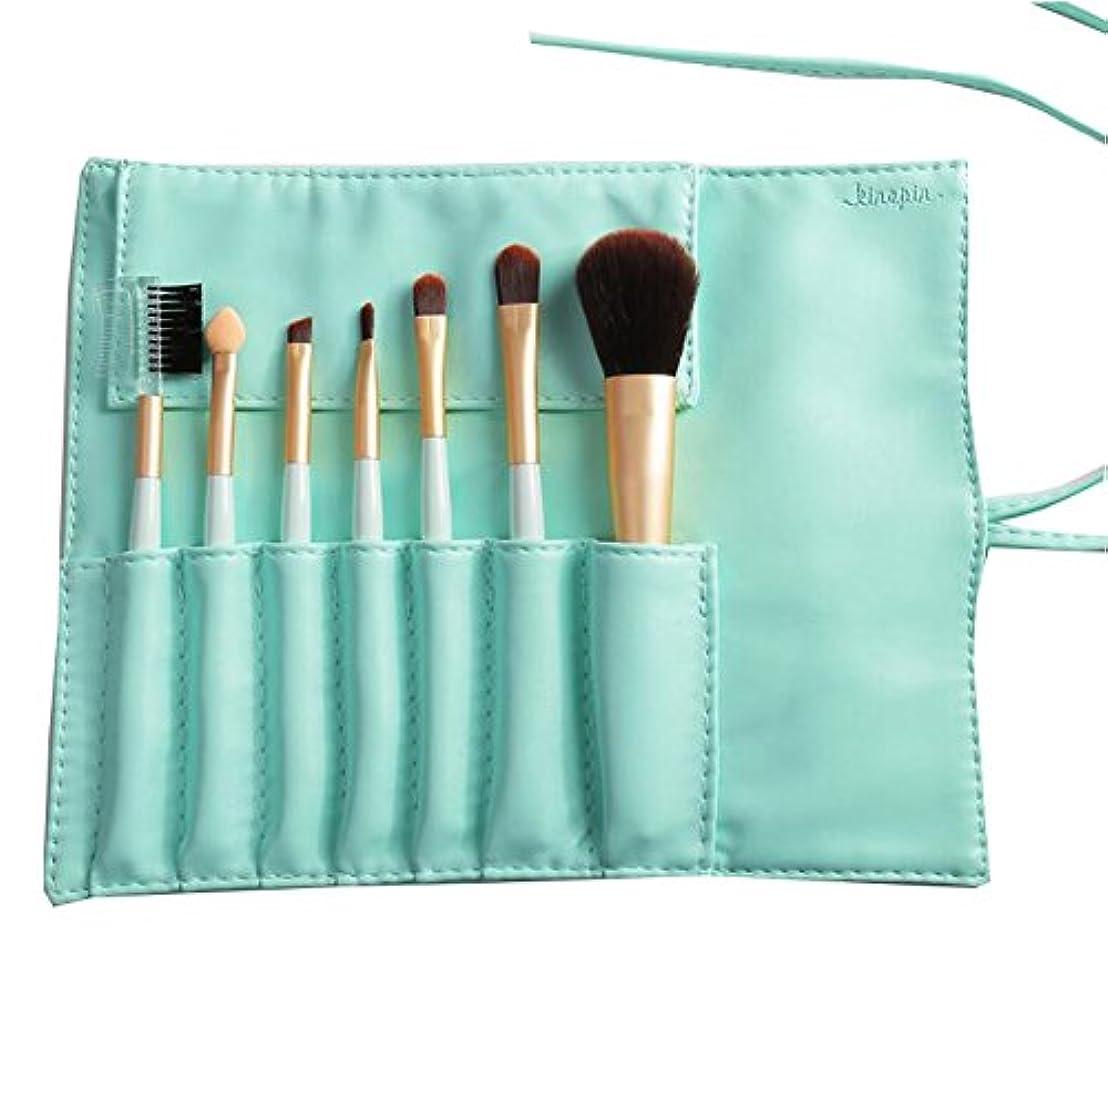 顕現アルミニウム代わりにを立てる7つの化粧品のセットフェイスブラッシュ輪郭ファンデーション化粧ブラシキット